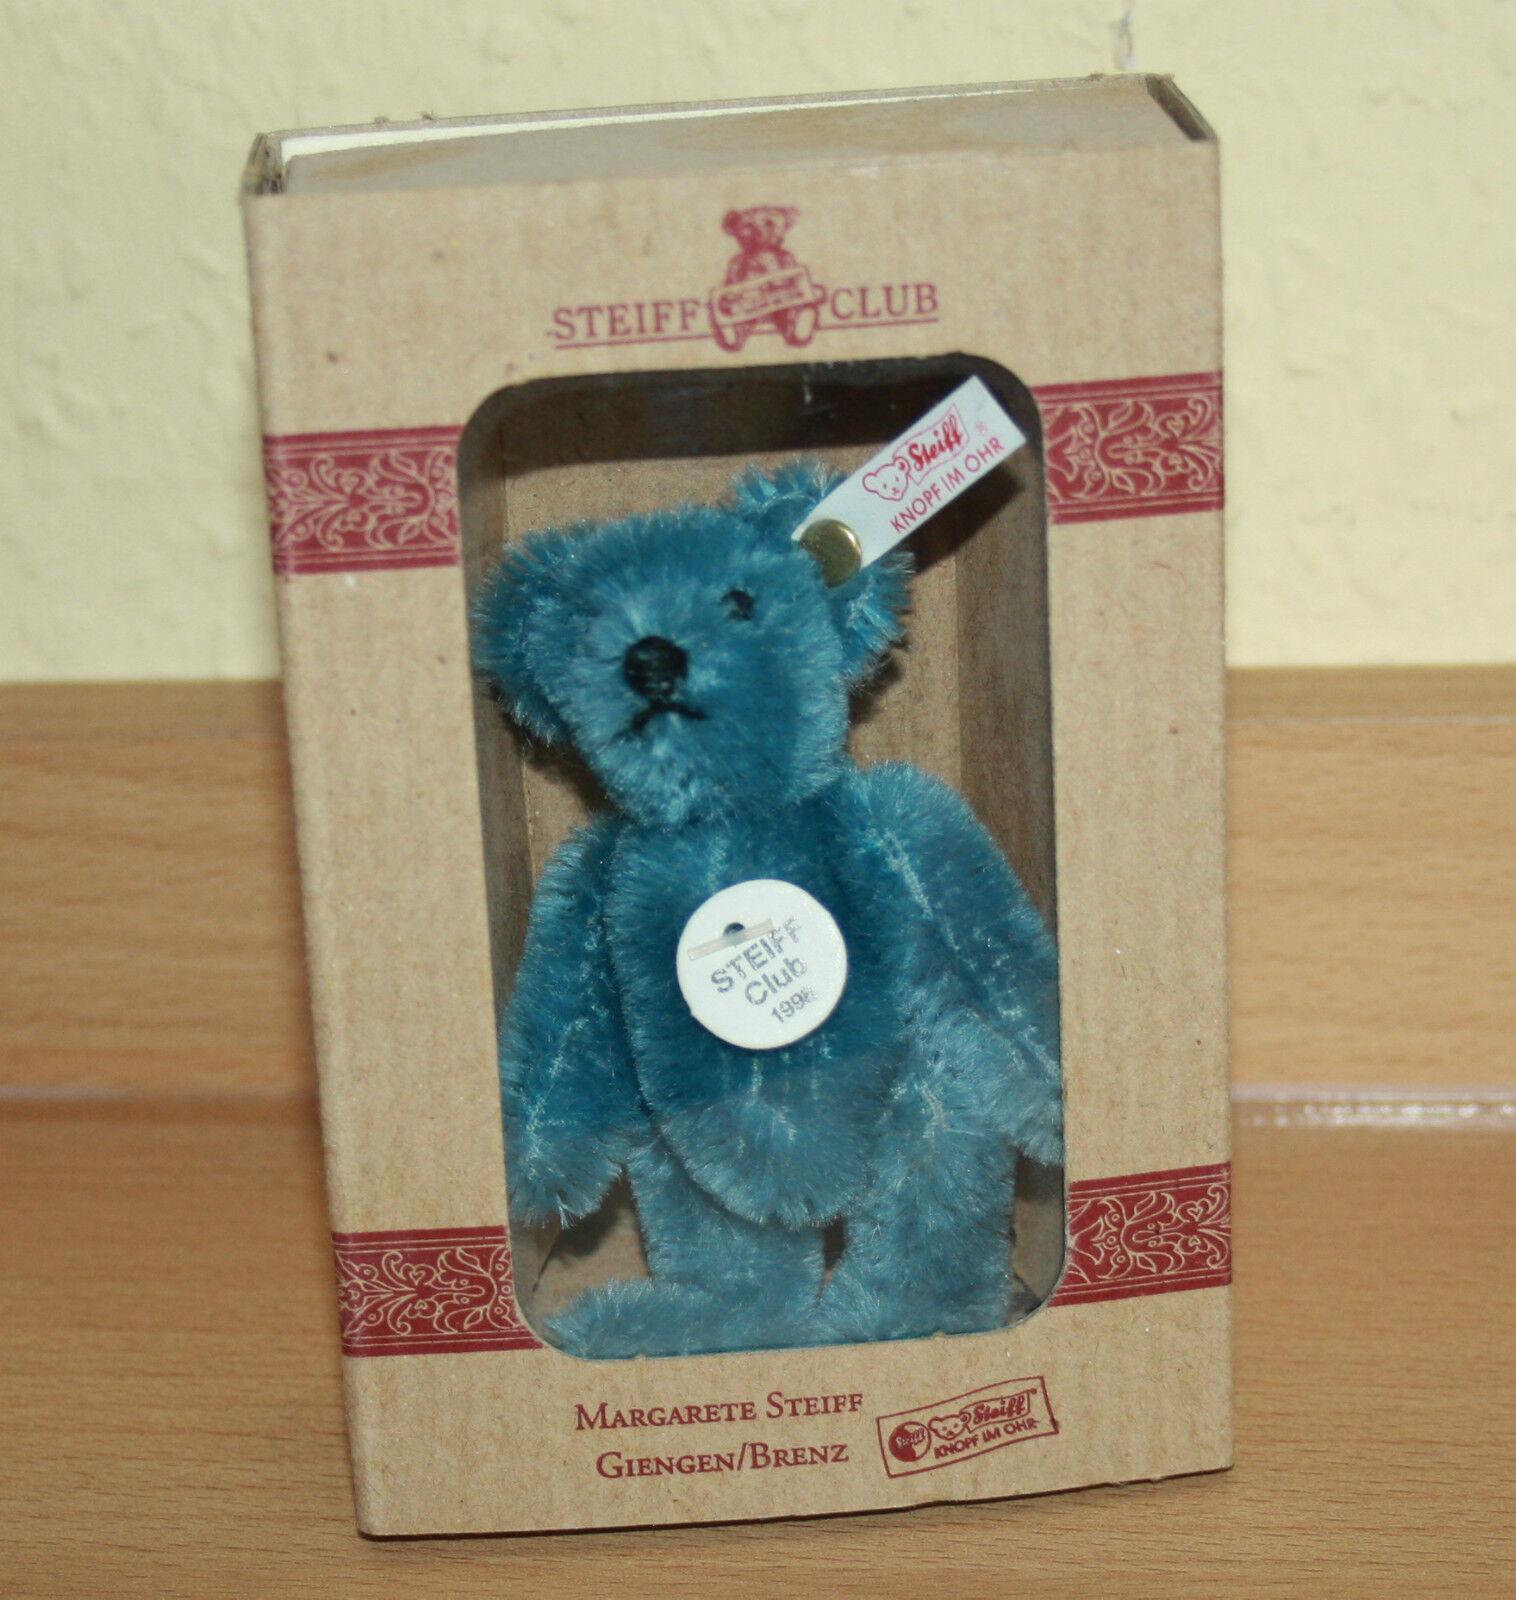 Steiff Club Teddy Bär 1998 mit Zertifikat Blau